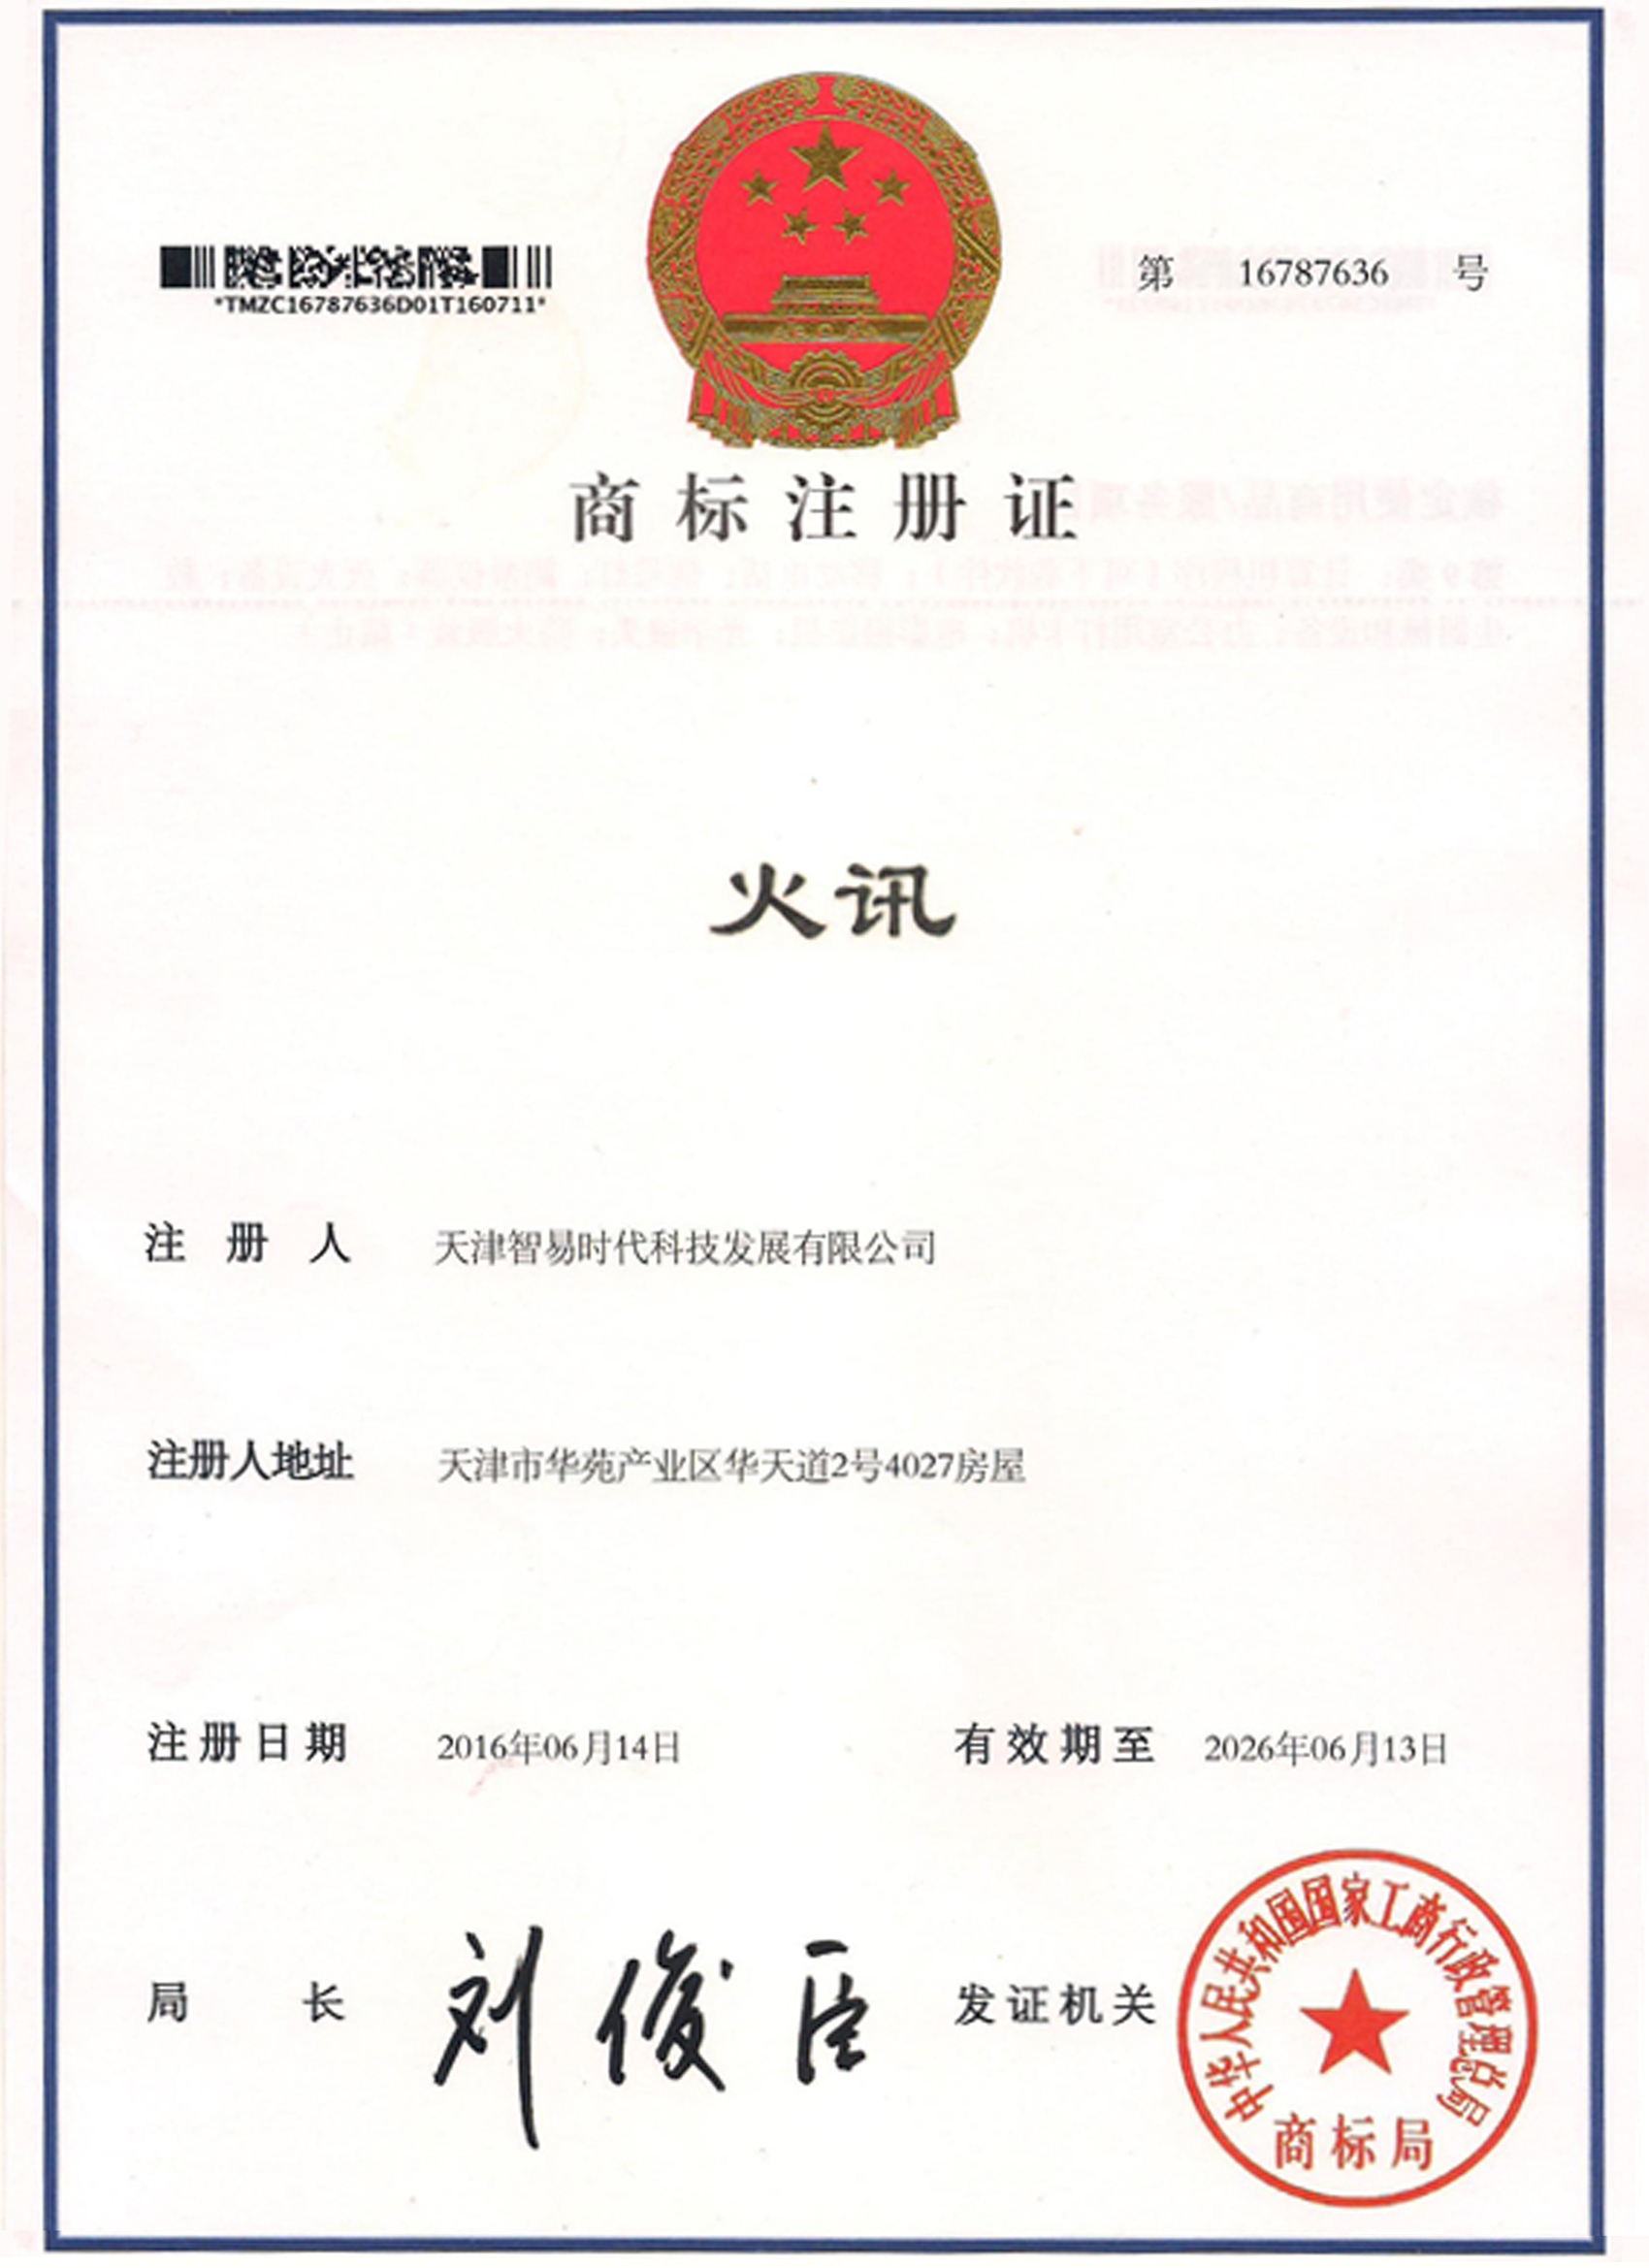 火讯商标注册证